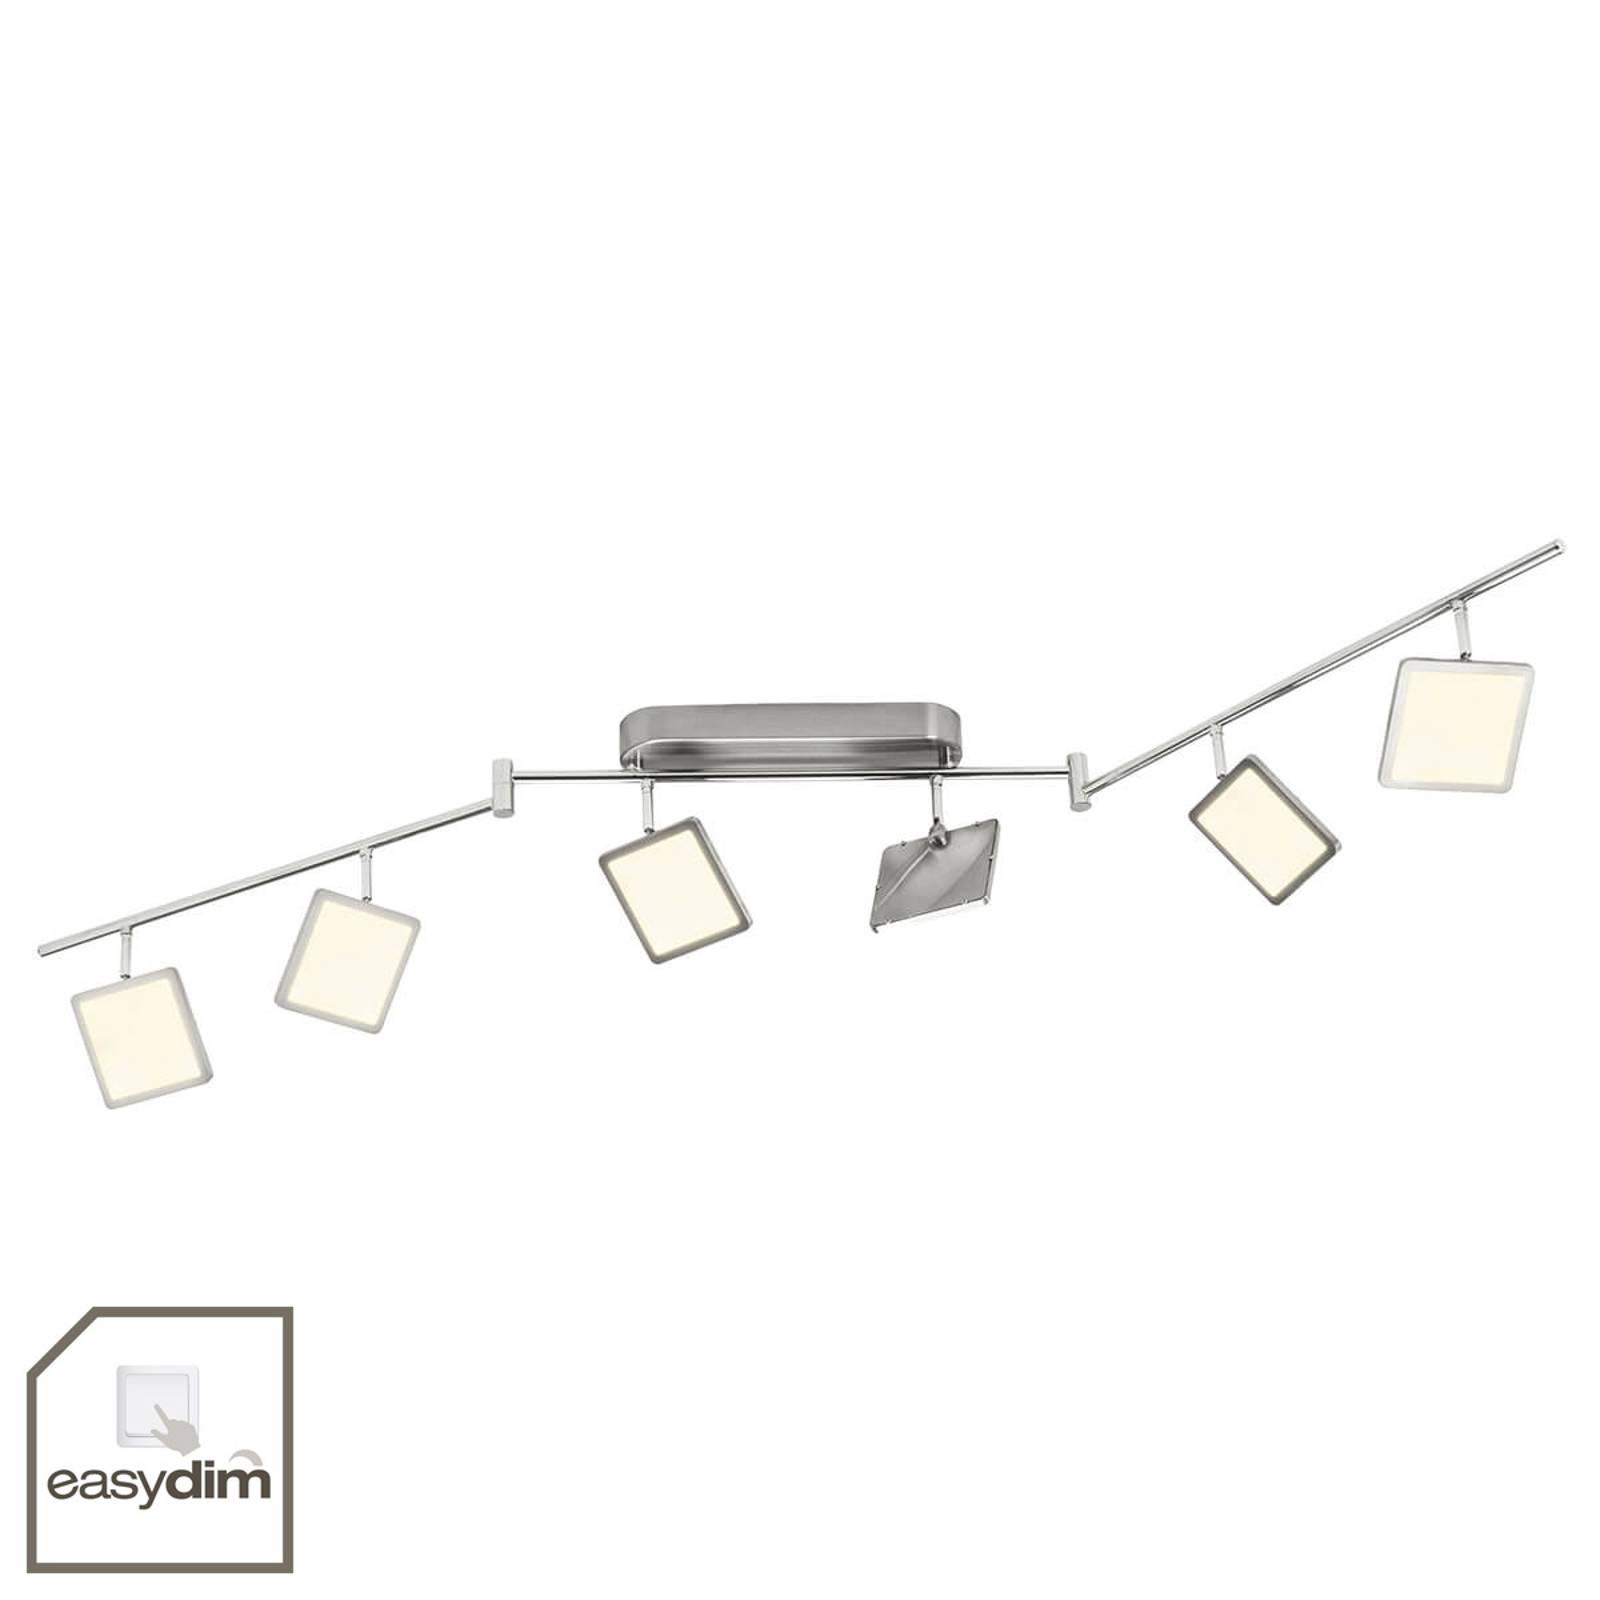 6-lamps easydim plafondlamp Uranus met LED